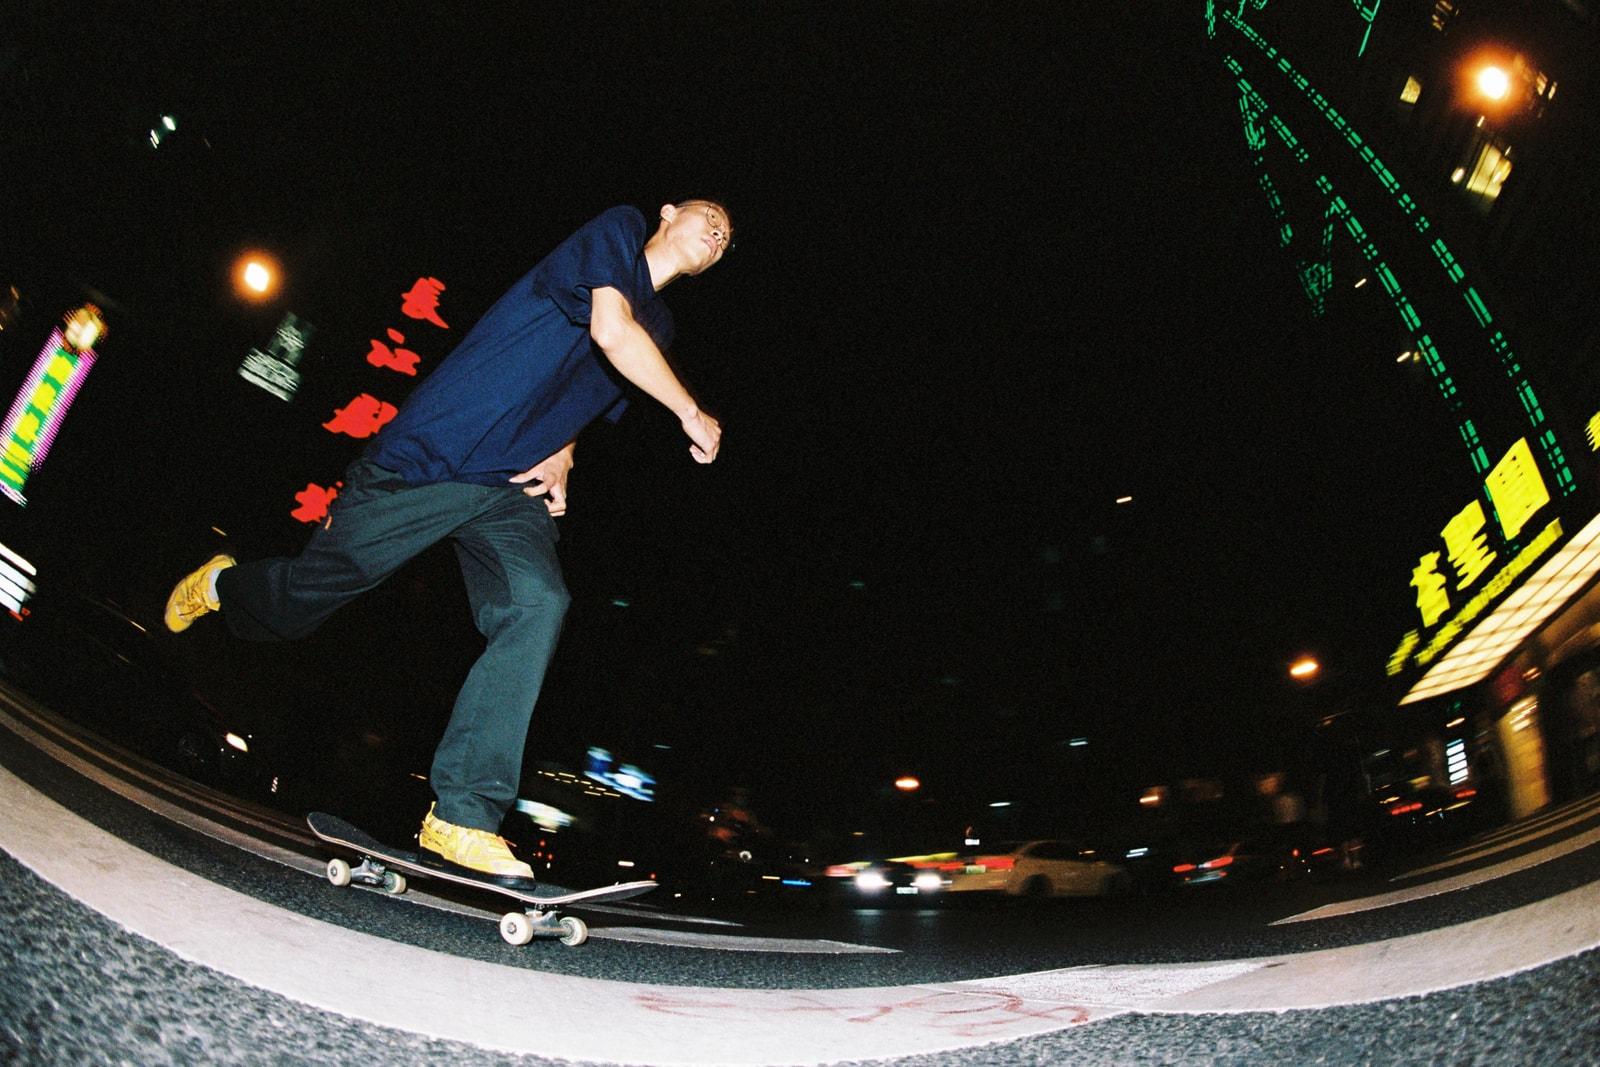 滑板群体助力 Nike x Off-White™ Air Rubber Dunk 联名系列鞋款发布